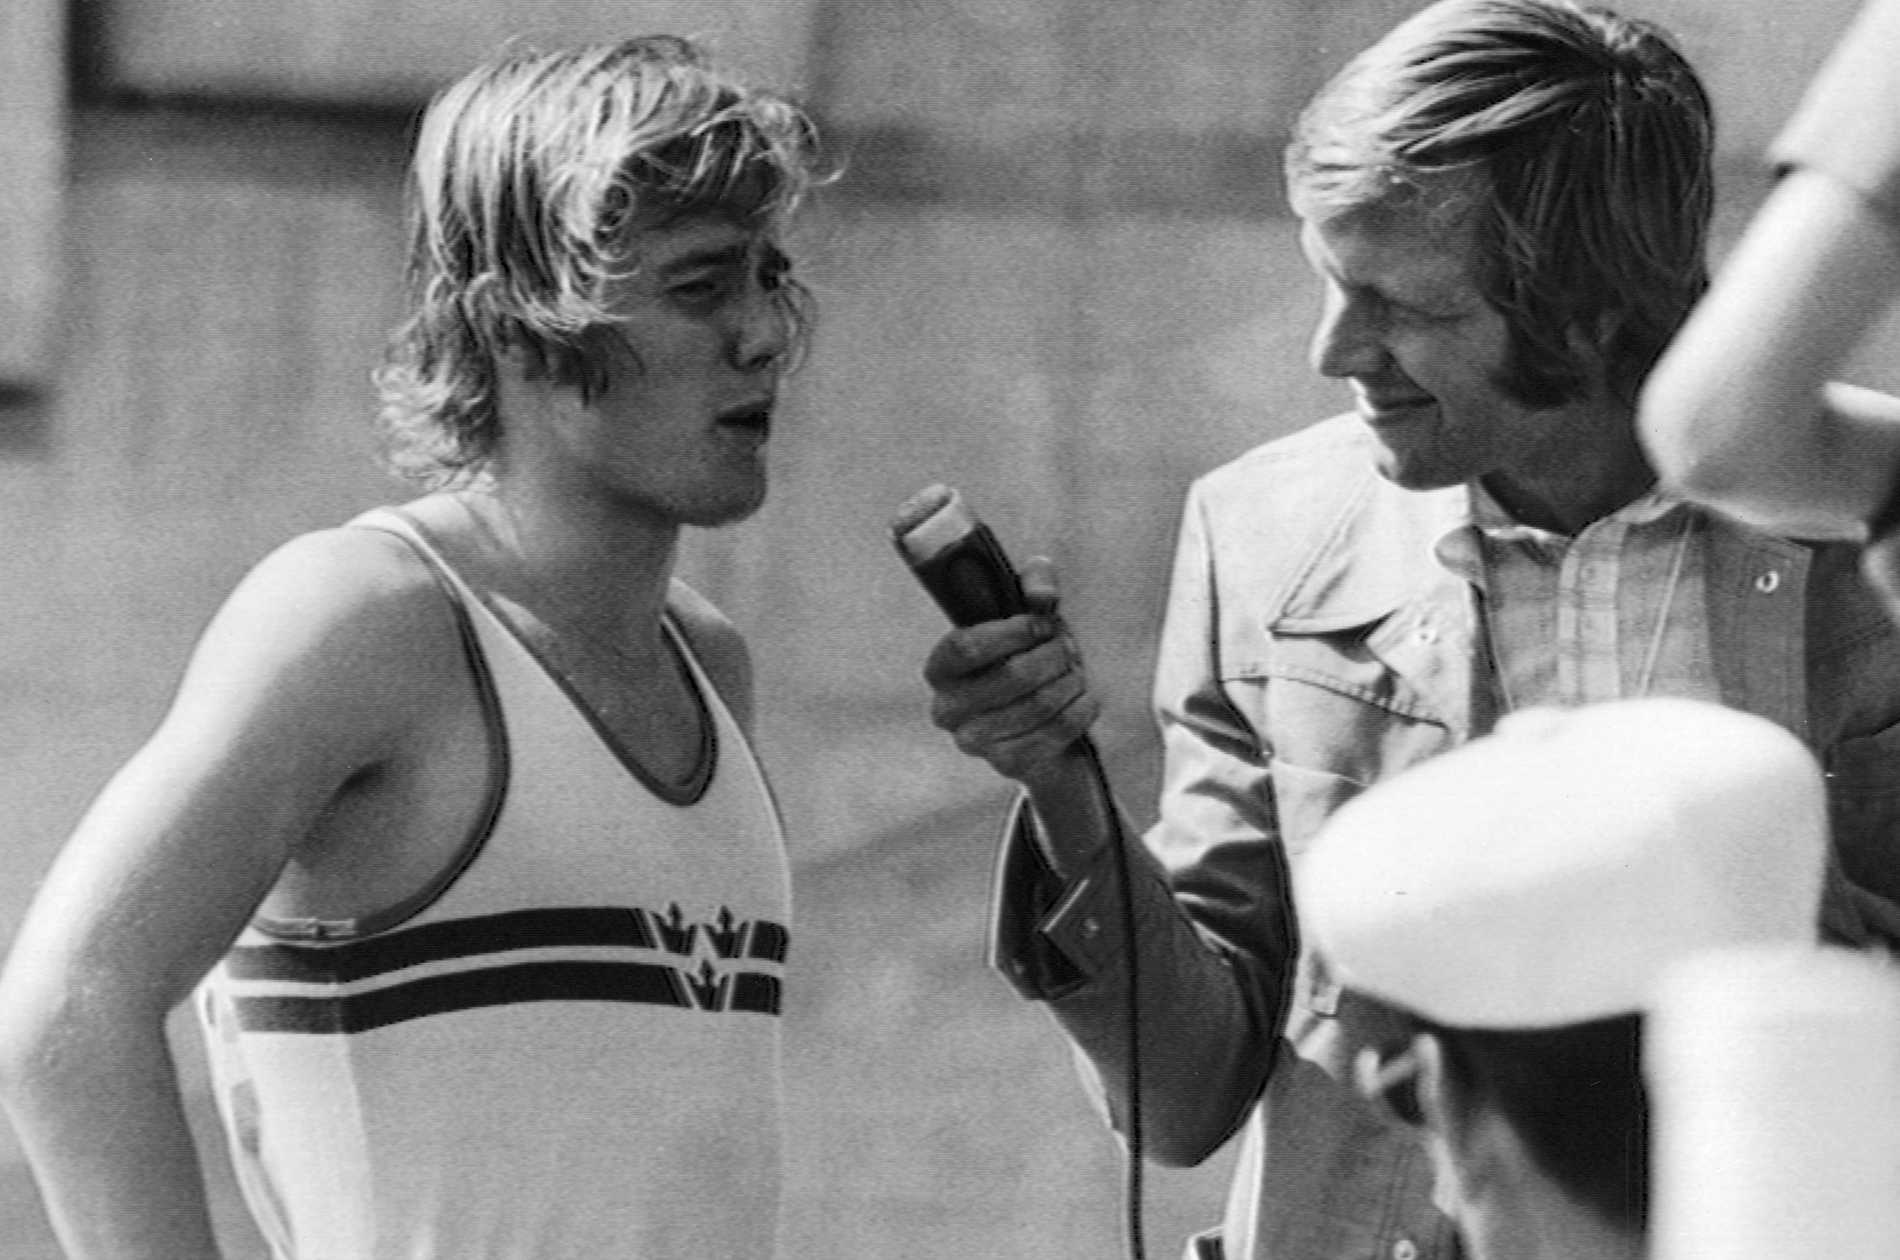 Il sollevatore di colonne Kjell Isaacson è stato intervistato da Tommy Engstrand nel 1972.